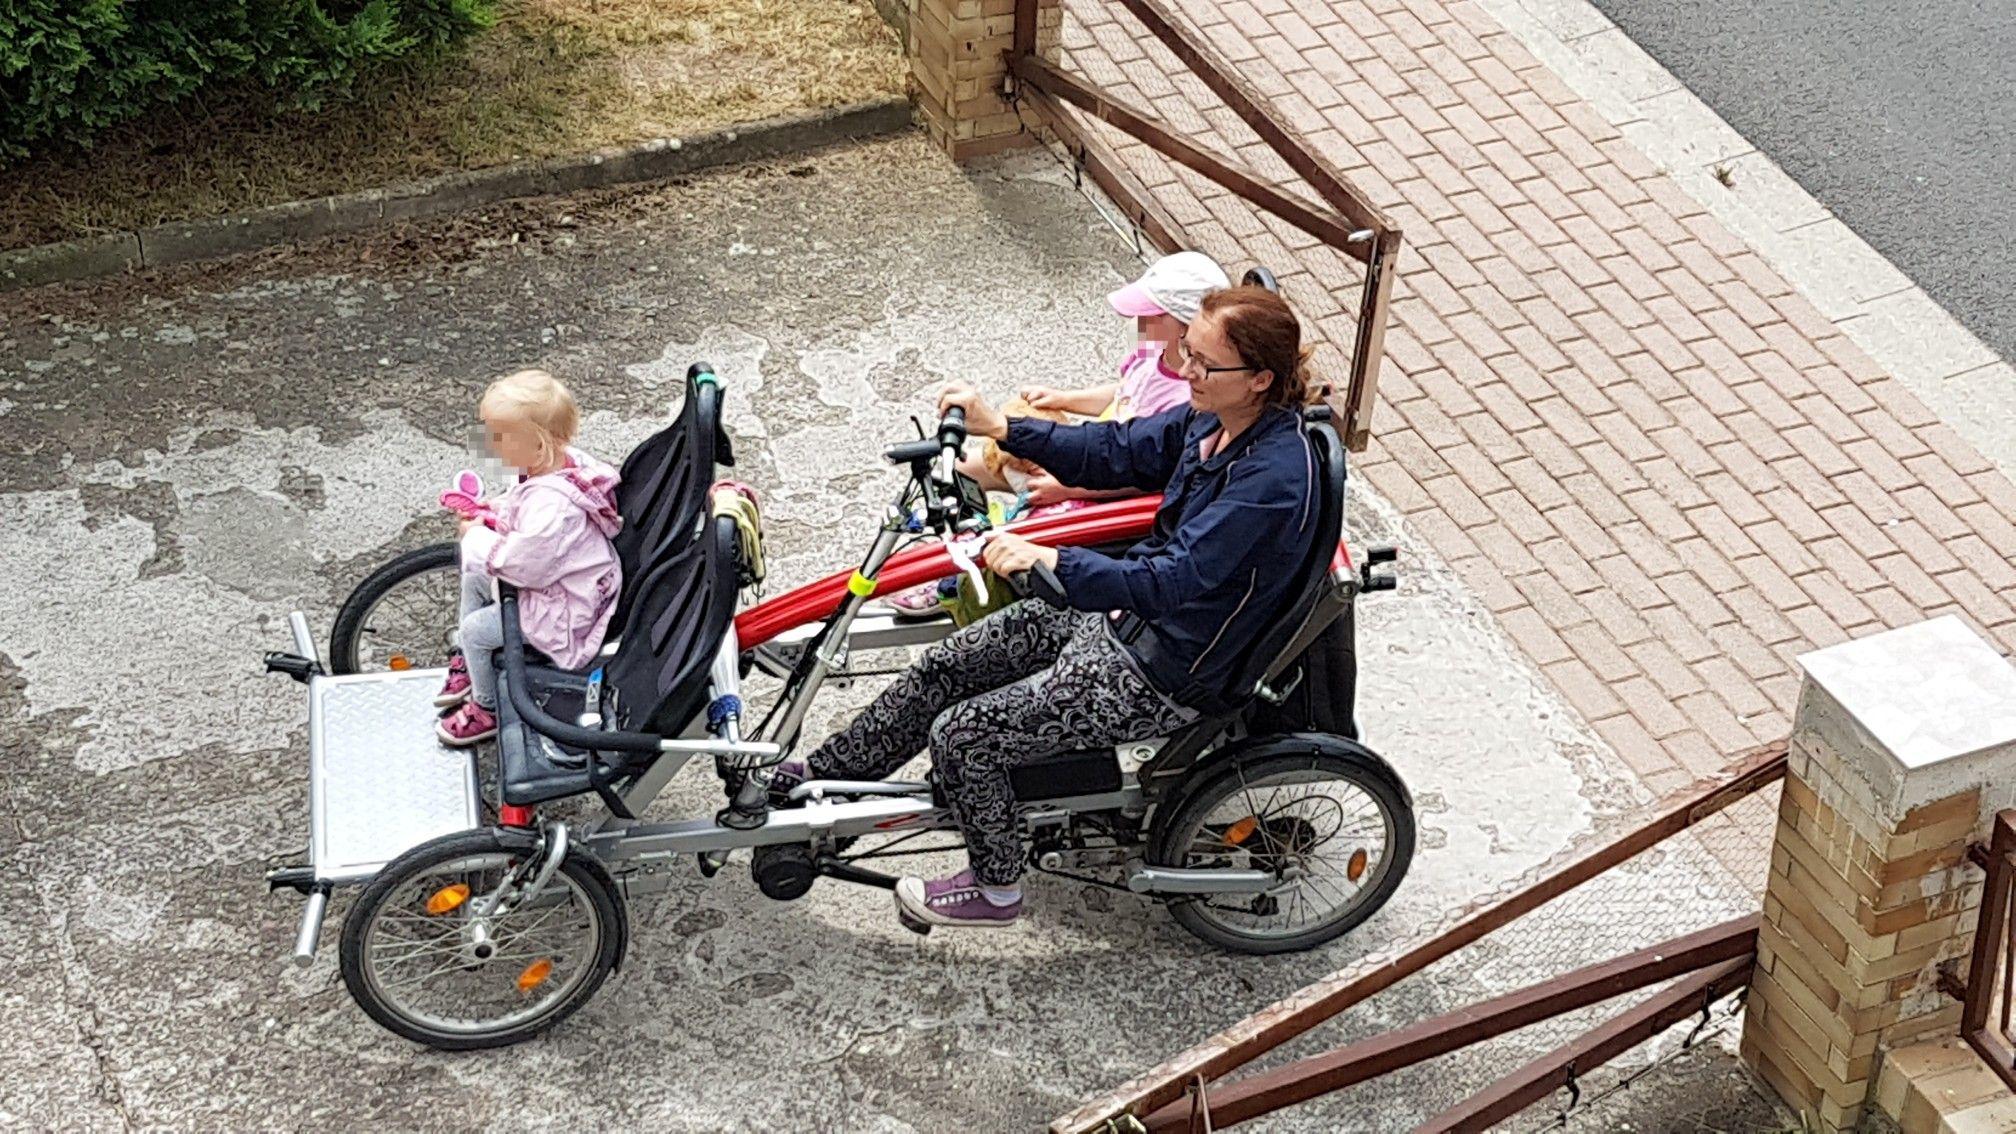 Familien Tandem Fahrrad Bietet Platz Fur 2 Eltern Und 2 Kinder